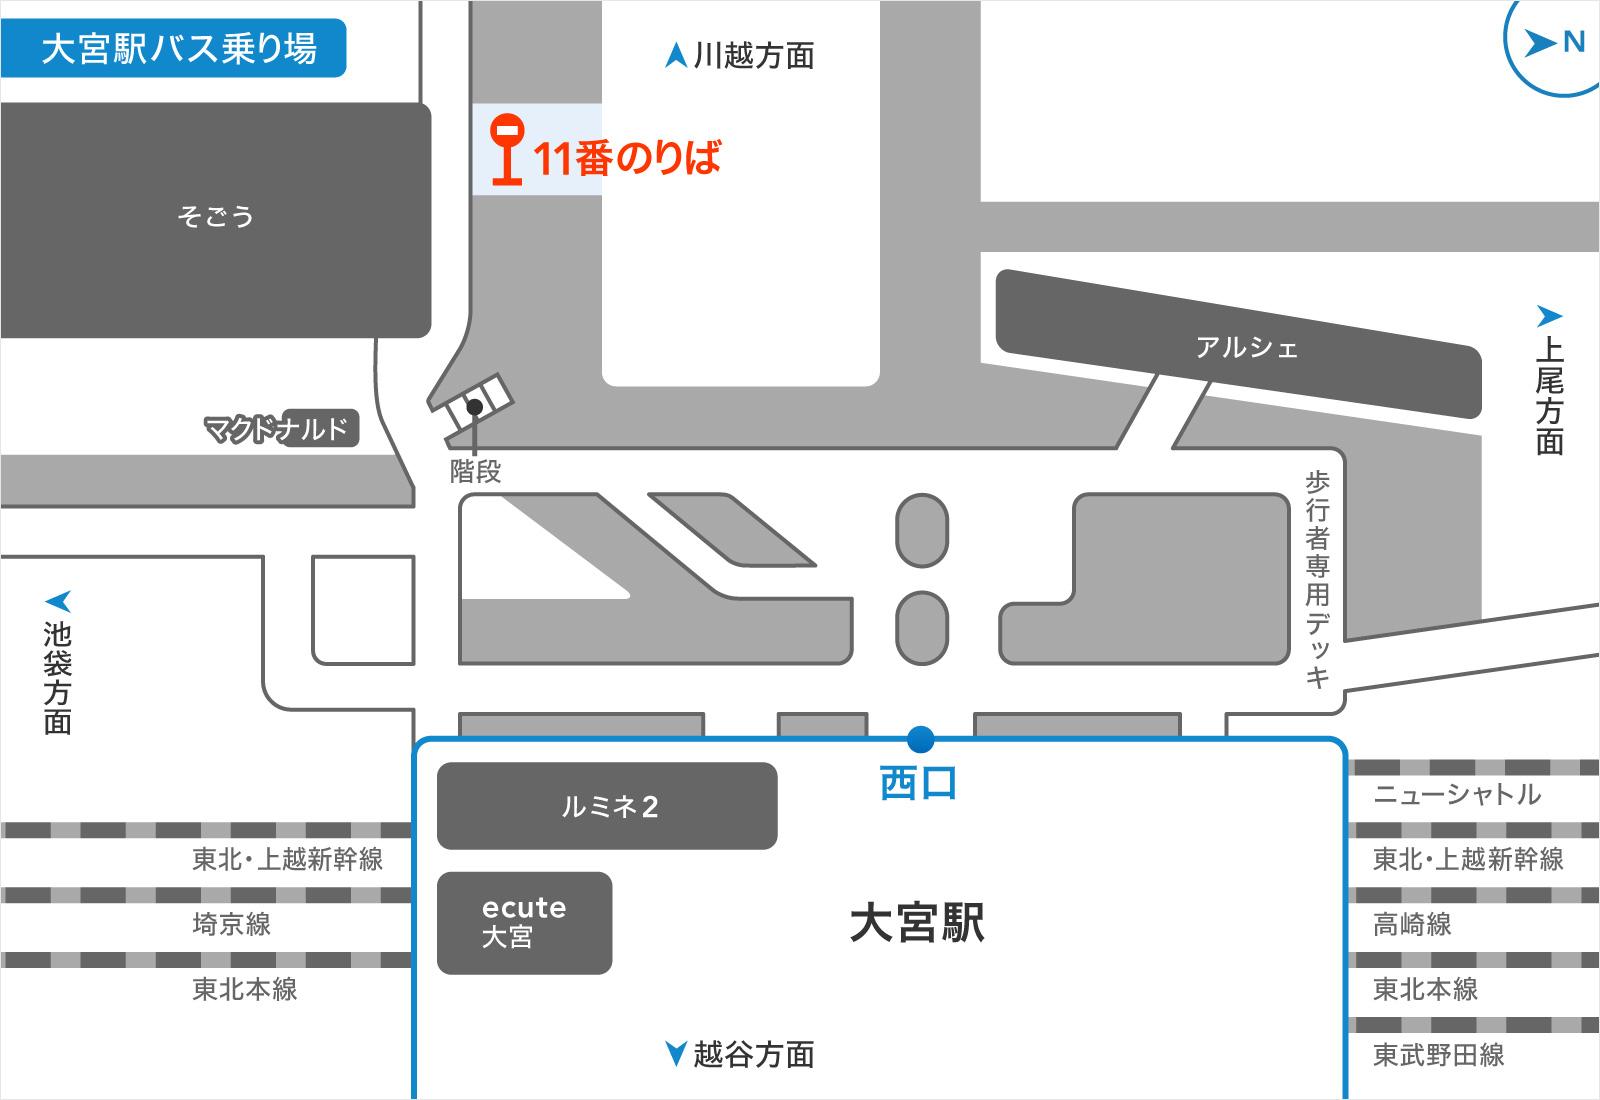 大宮駅バス乗り場の画像